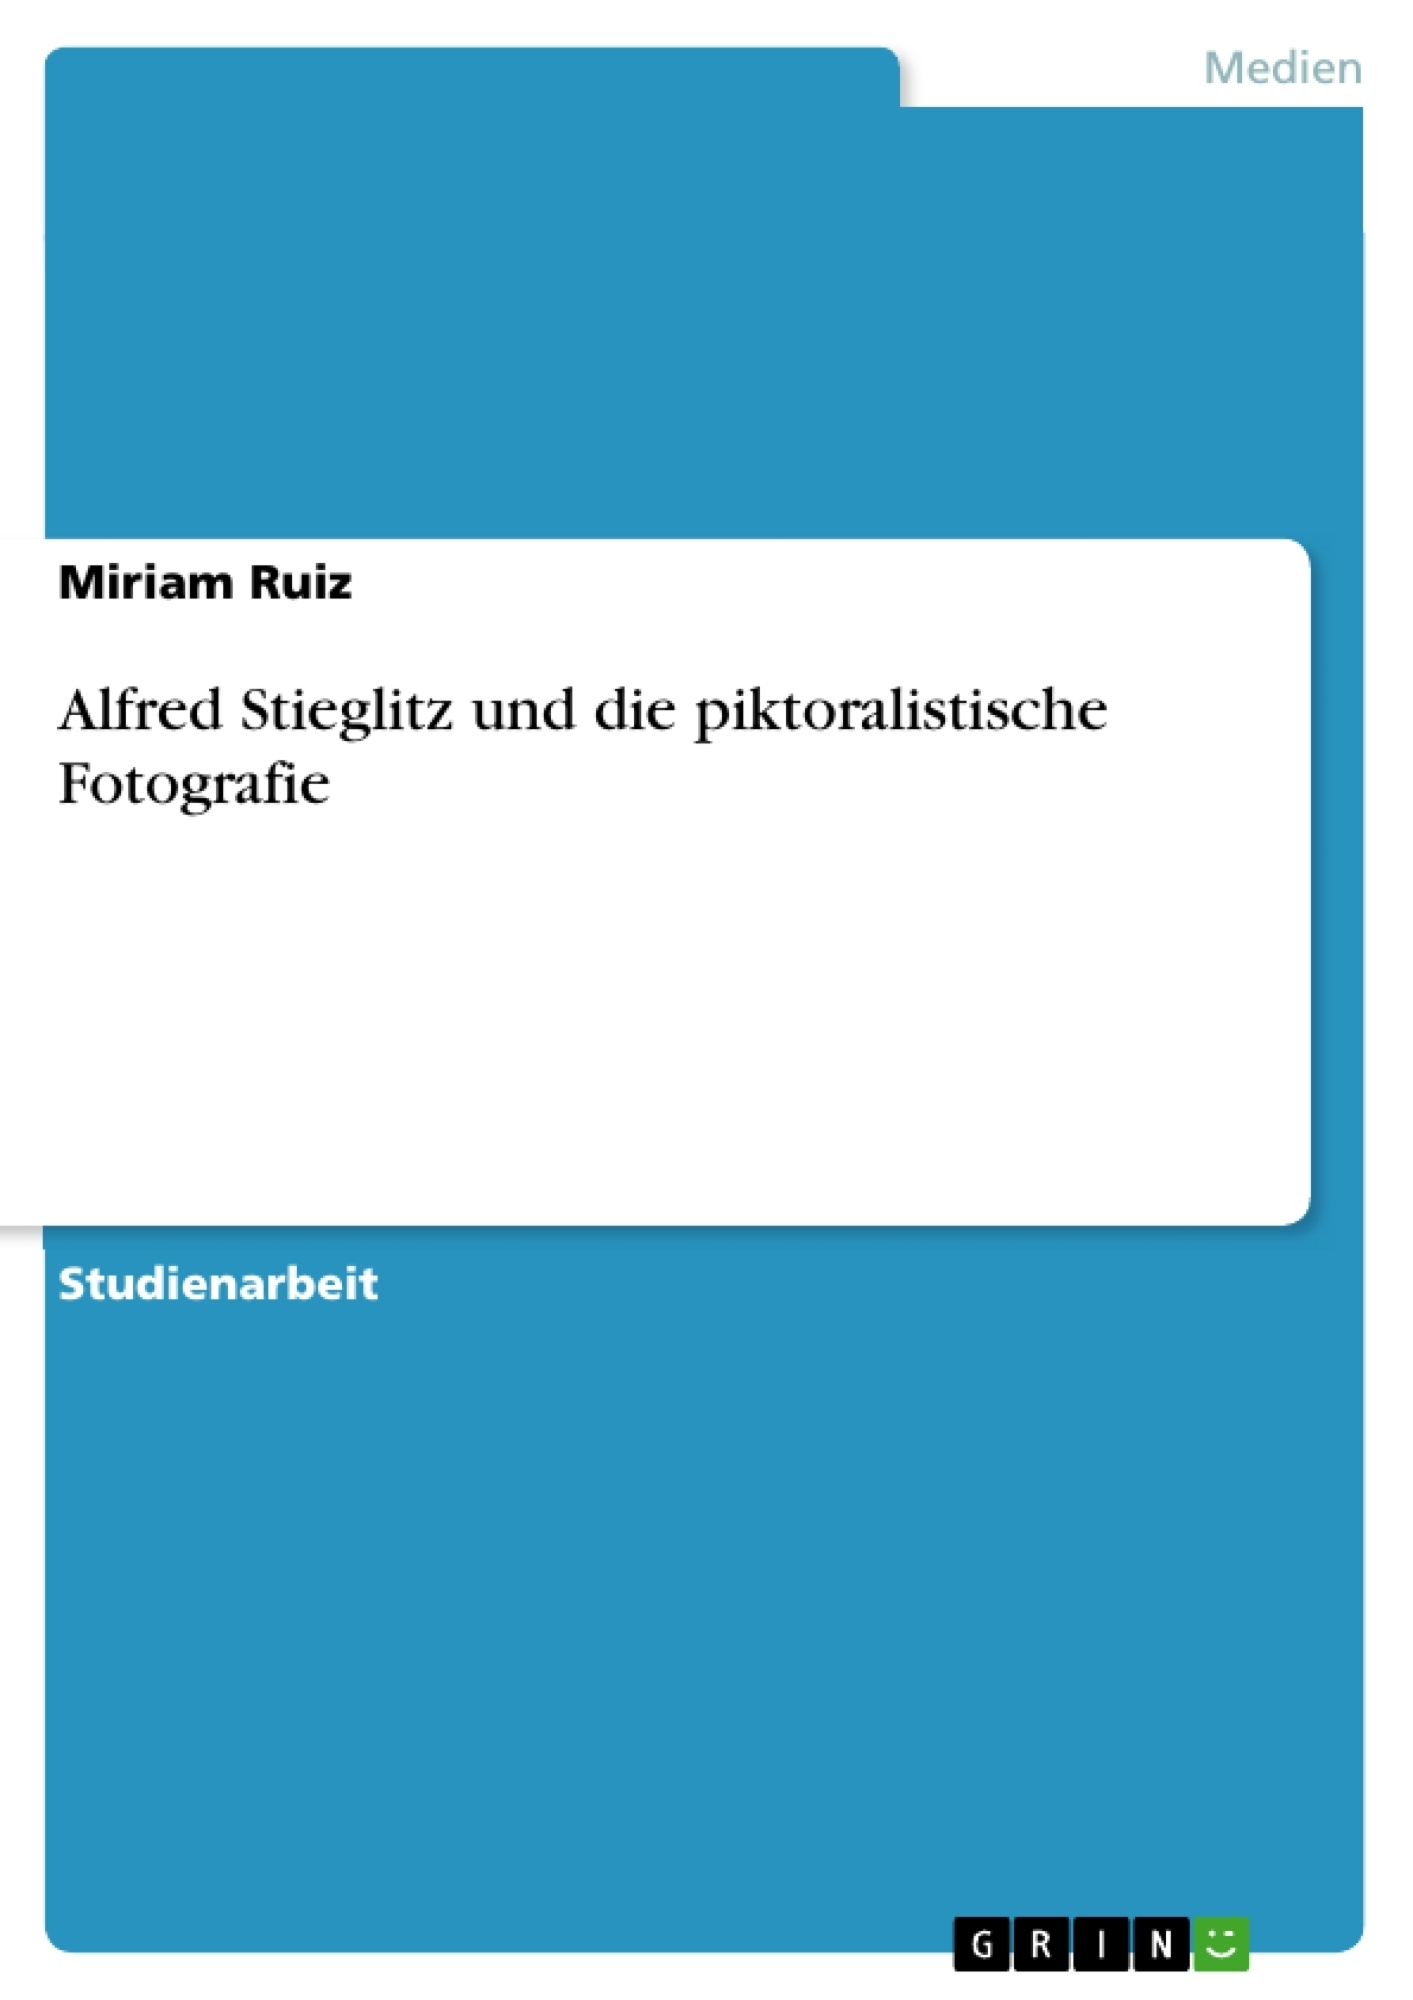 Titel: Alfred Stieglitz und die piktoralistische Fotografie